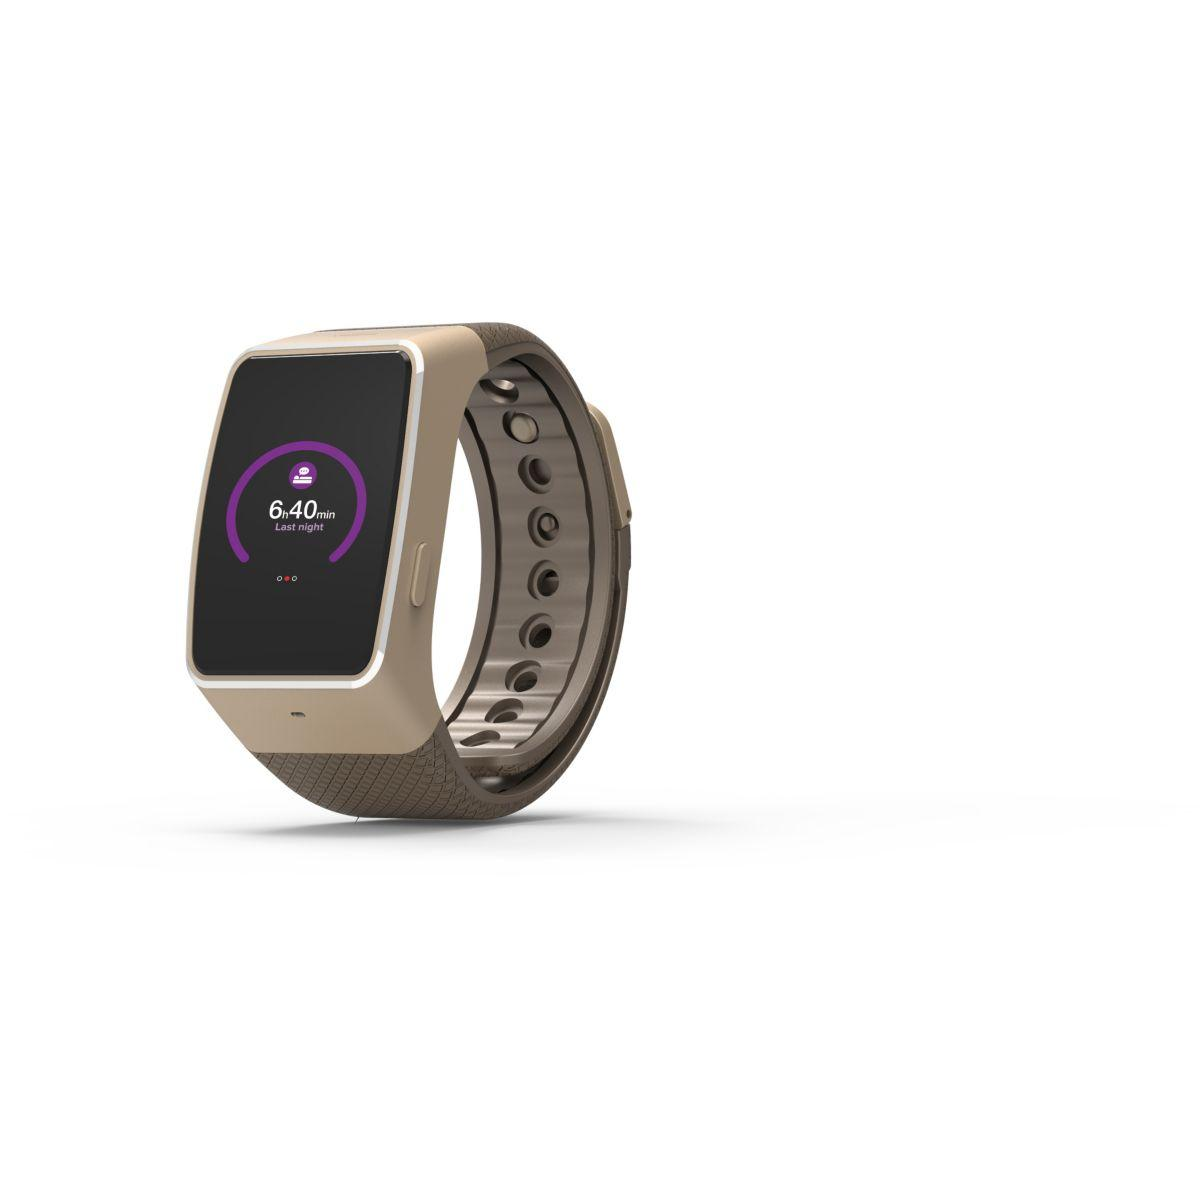 Montre mykronoz zewatch 4 marron hr - 10% de remise immédiate avec le code : cool10 (photo)